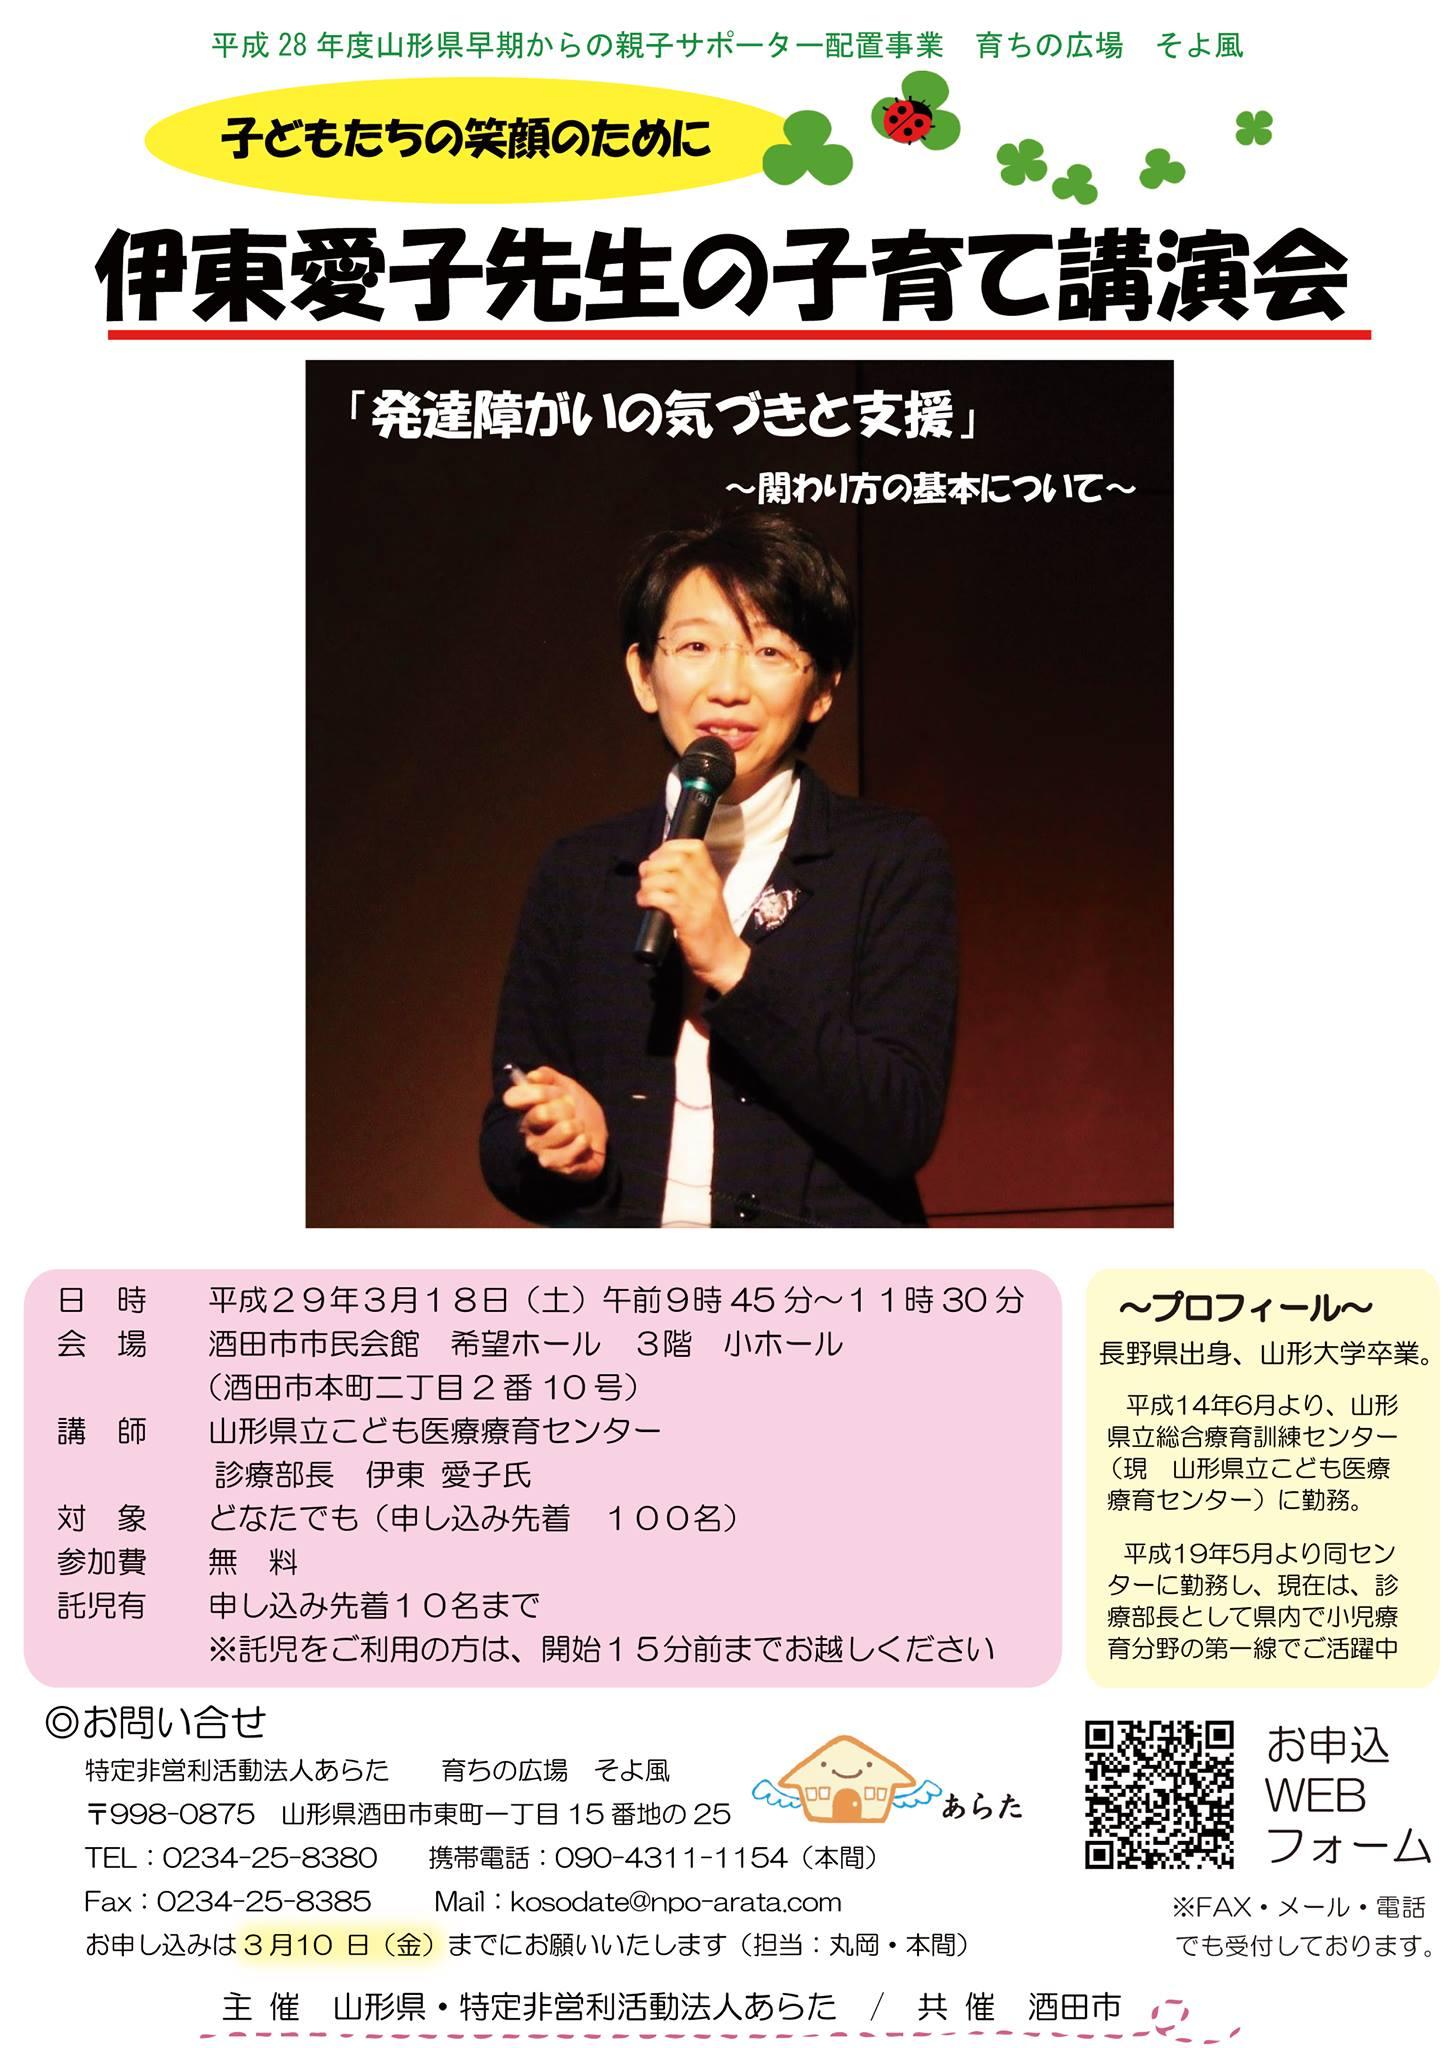 伊東愛子先生の子育て講演会